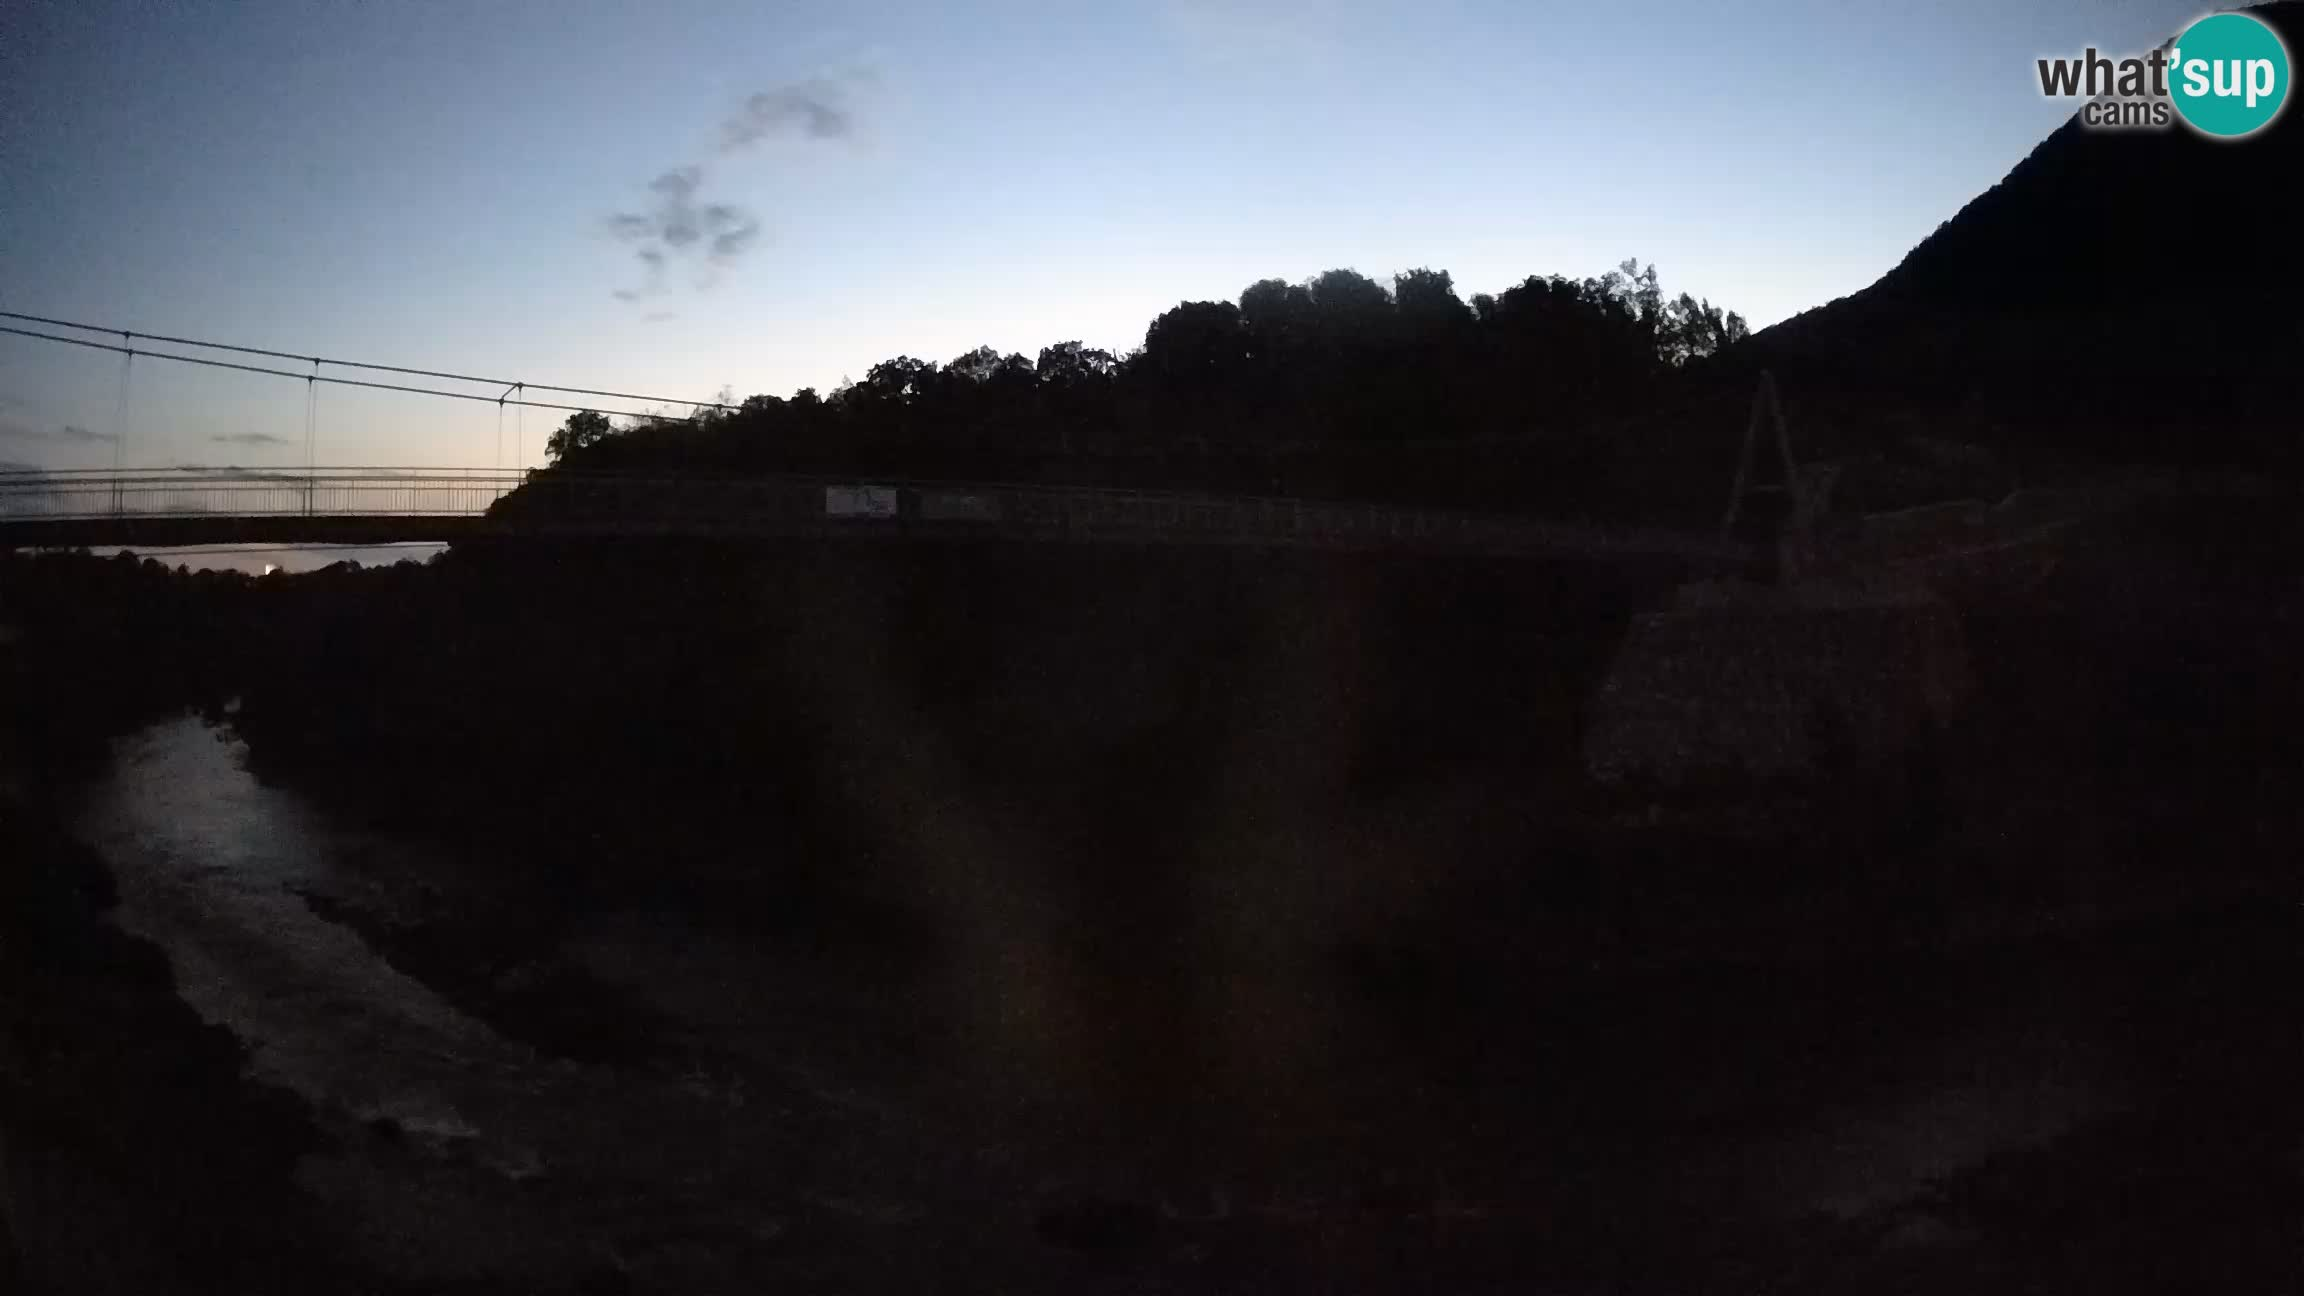 Brv čez reko Sočo – Solkan Spletna kamera